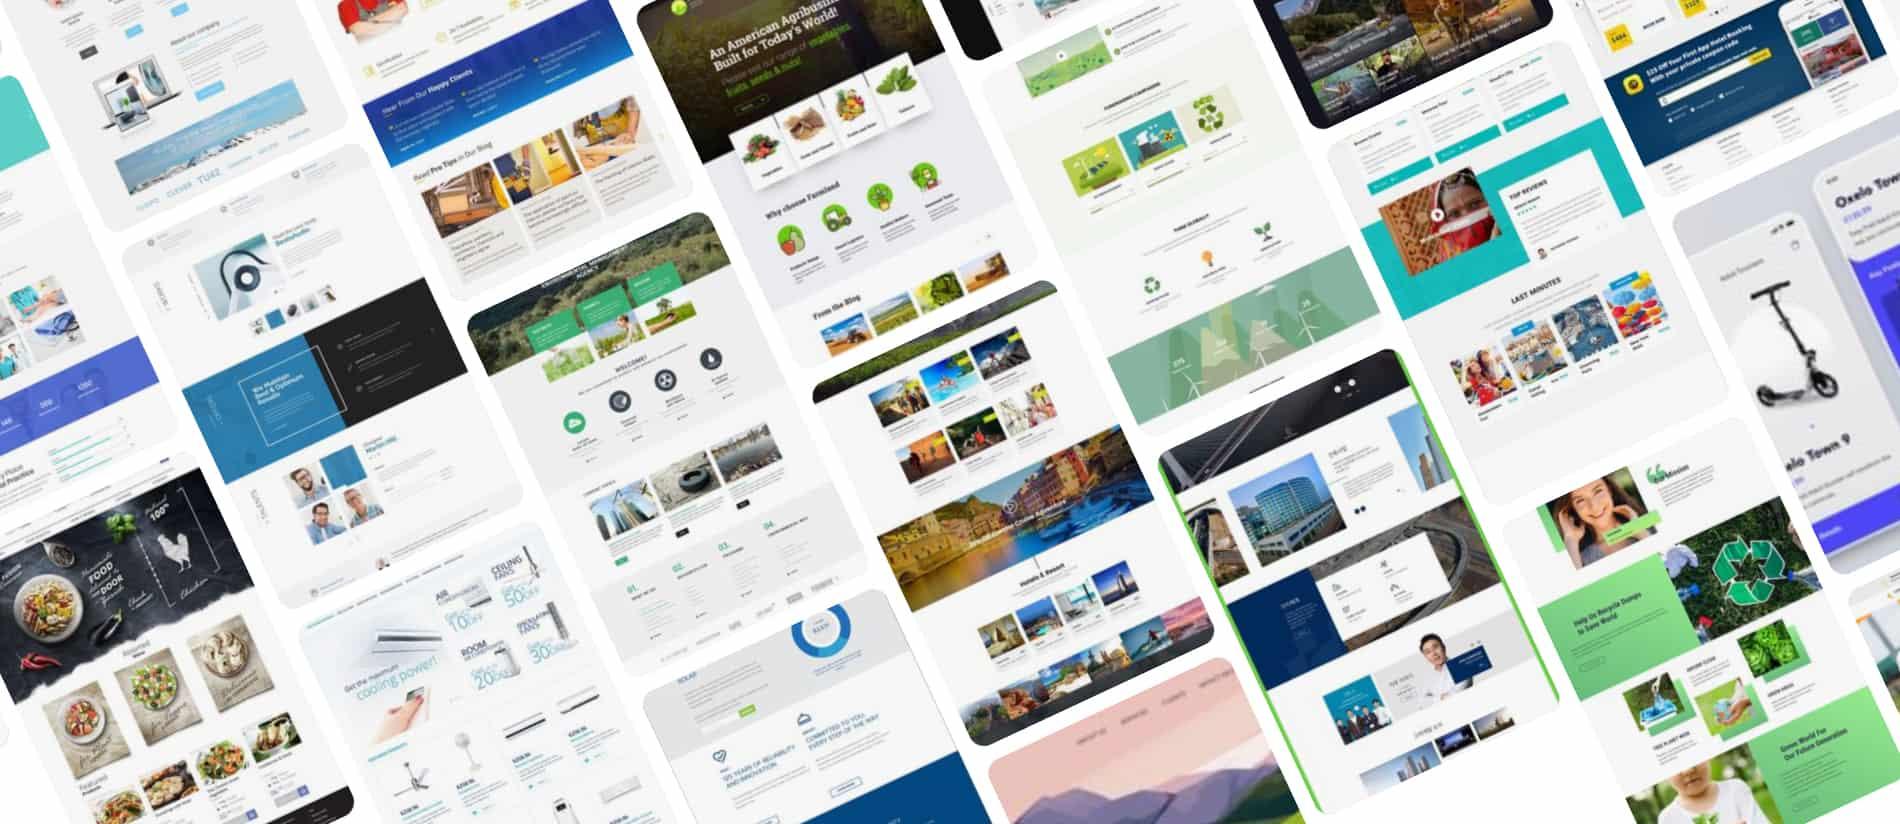 เริ่มต้นให้บริการออกแบบเว็บไซต์ด้วย WordPress